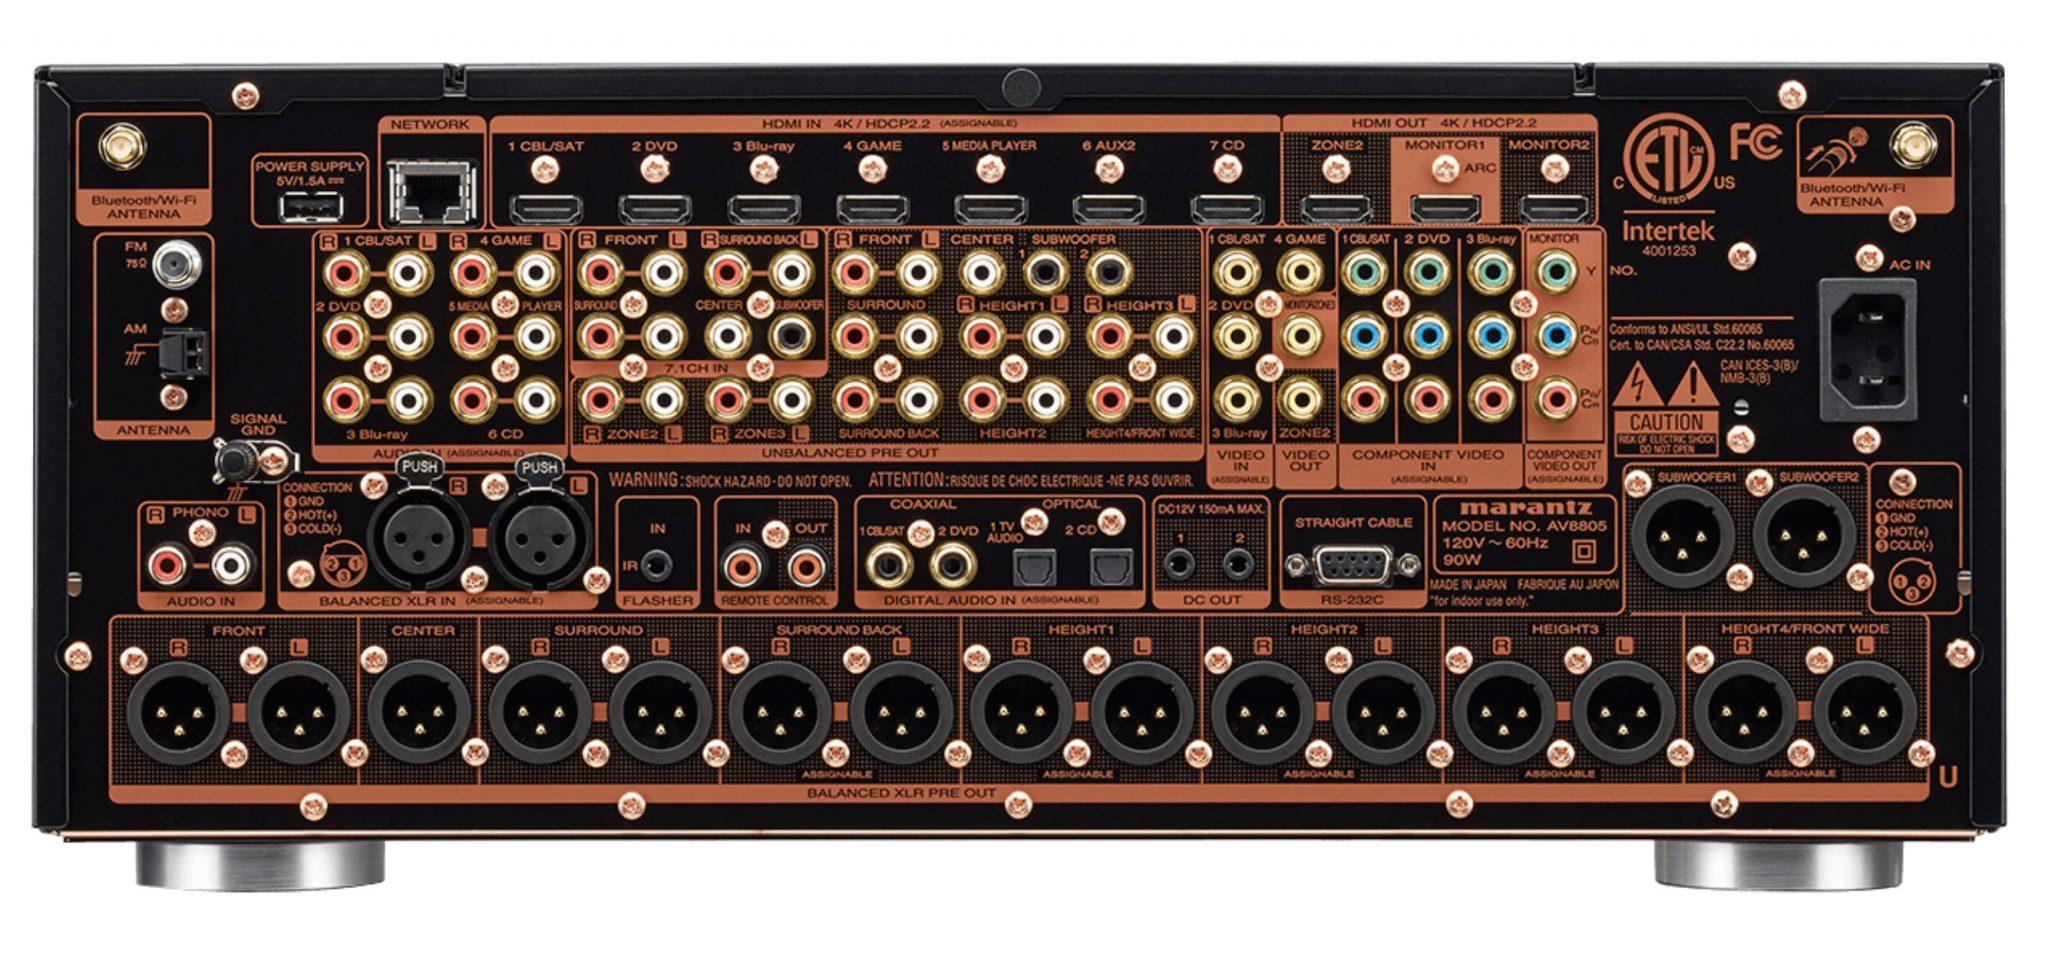 AV8805 Full 4K Pre-amplifier From Marantz